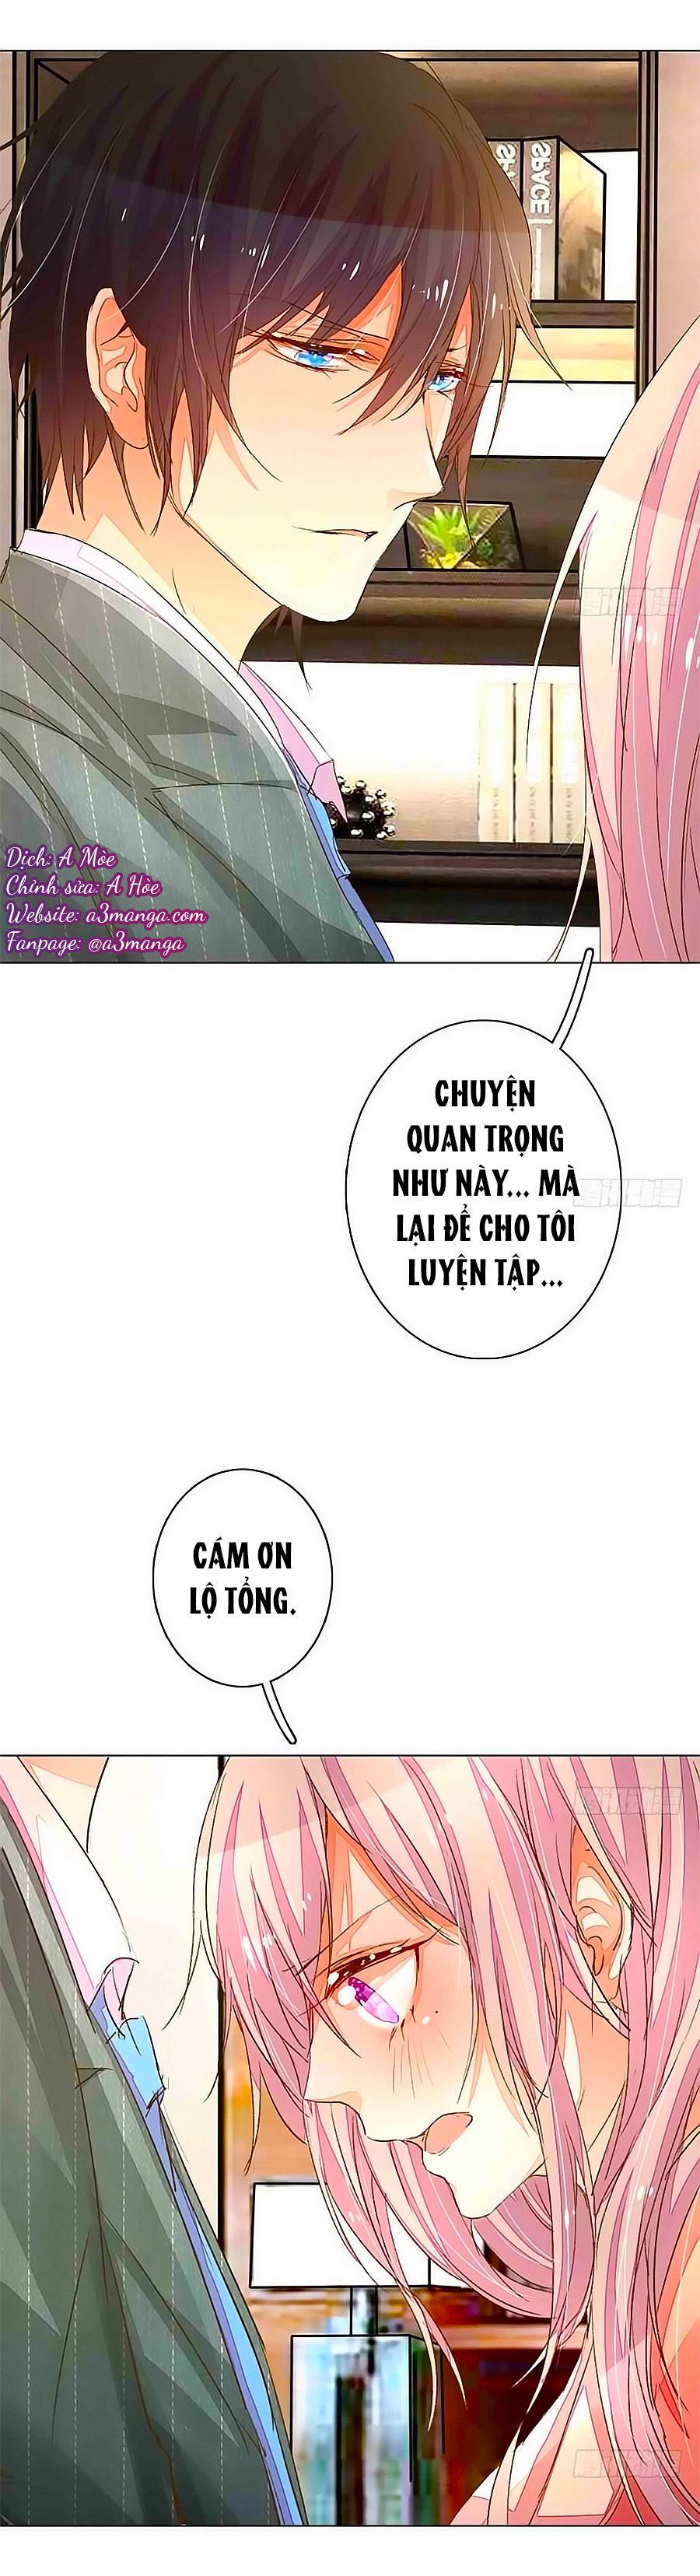 Hào Môn Tiểu Lãn Thê - Chap 53